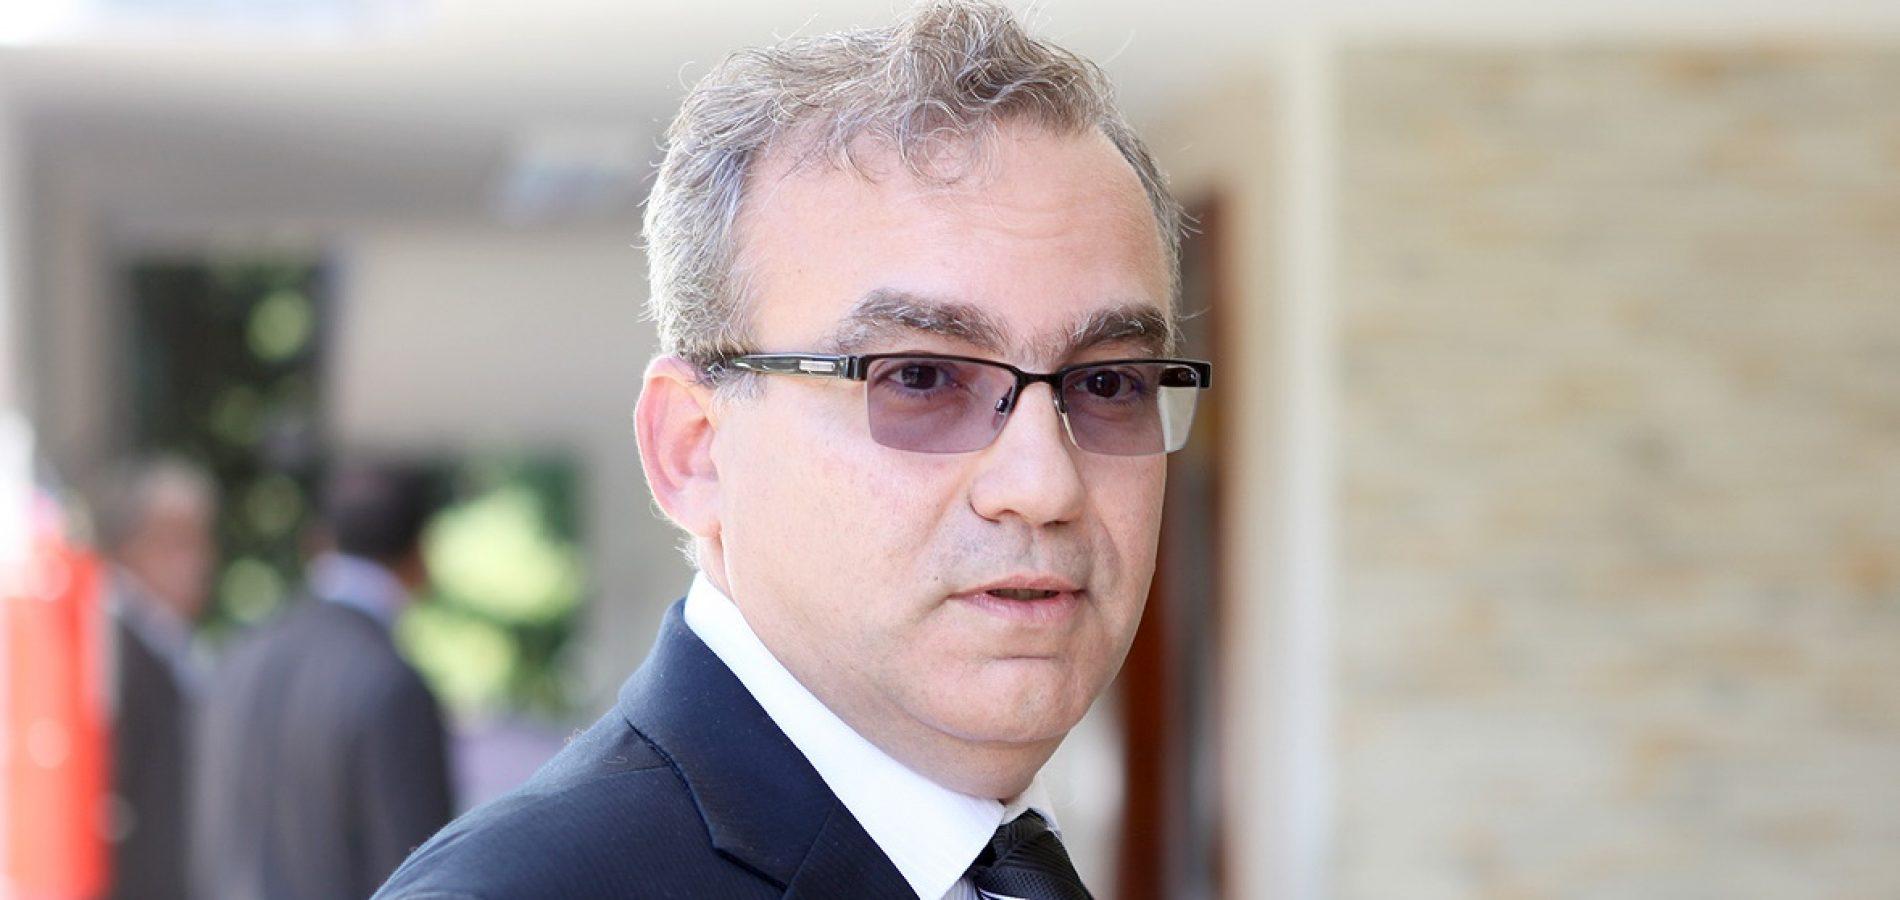 Justiça Federal exclui nome de prefeito do Piauí das investigações da Operação Lava Jato